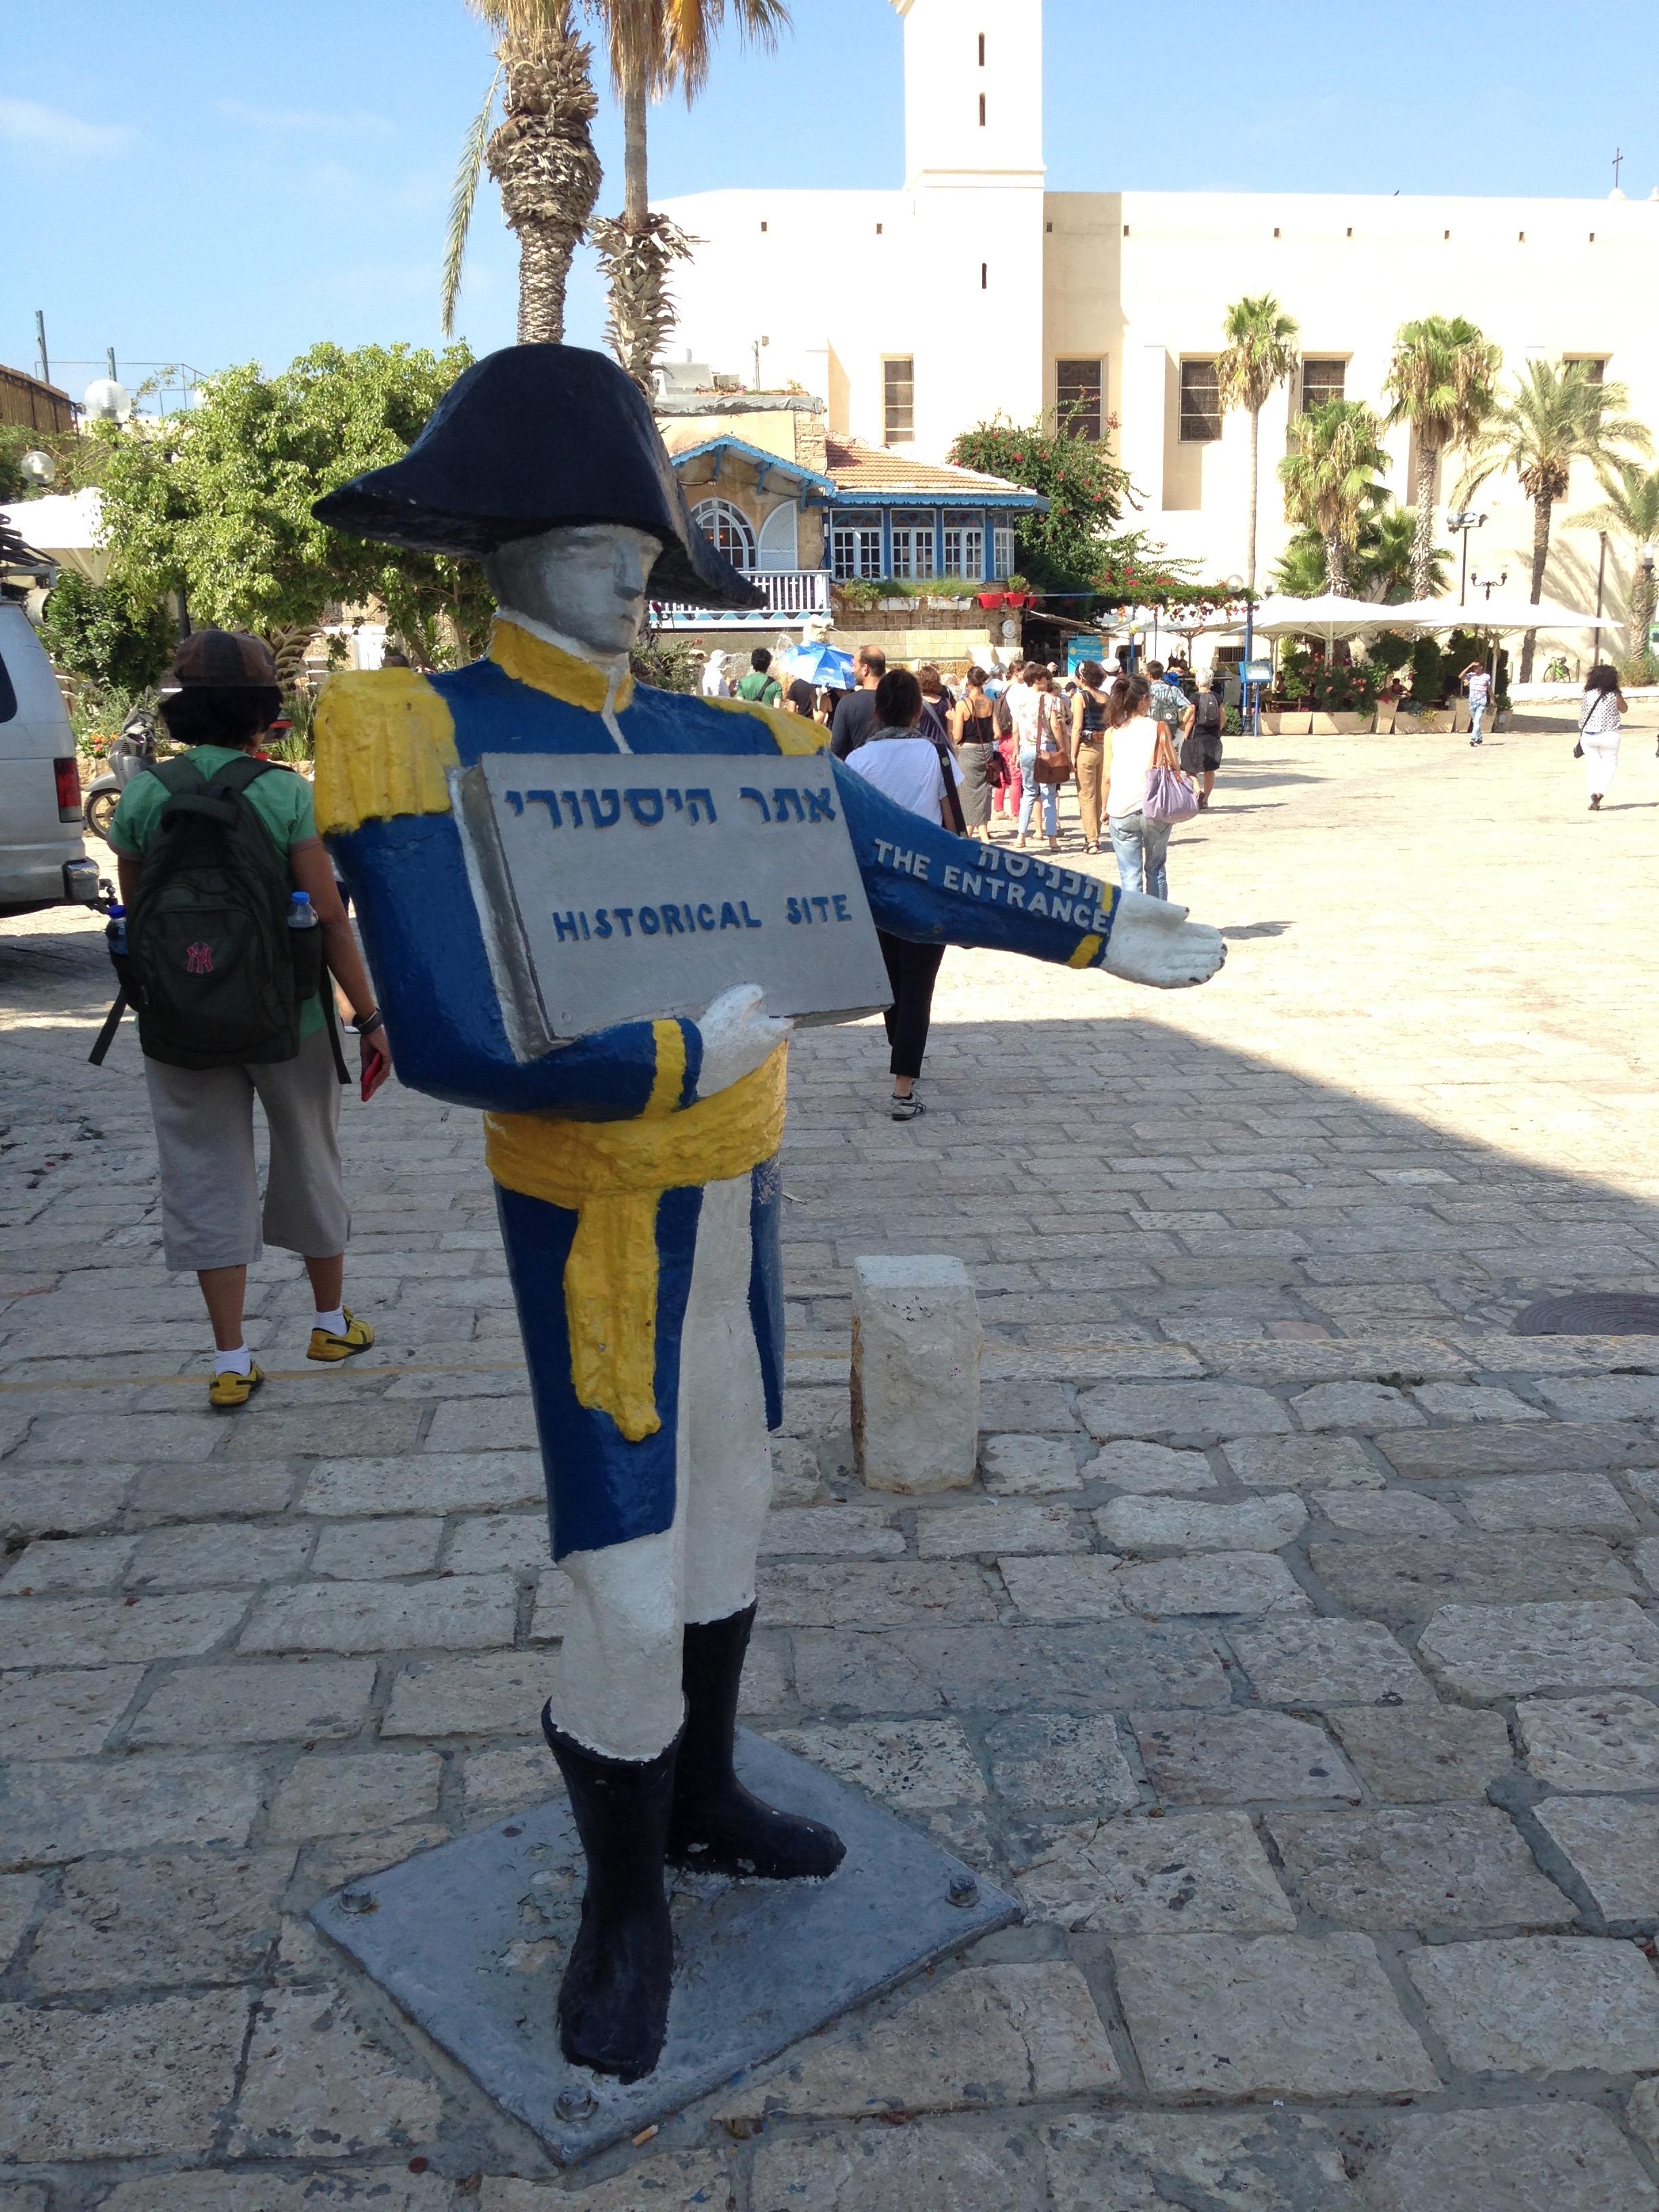 Statue of Napoleon in Jaffa today